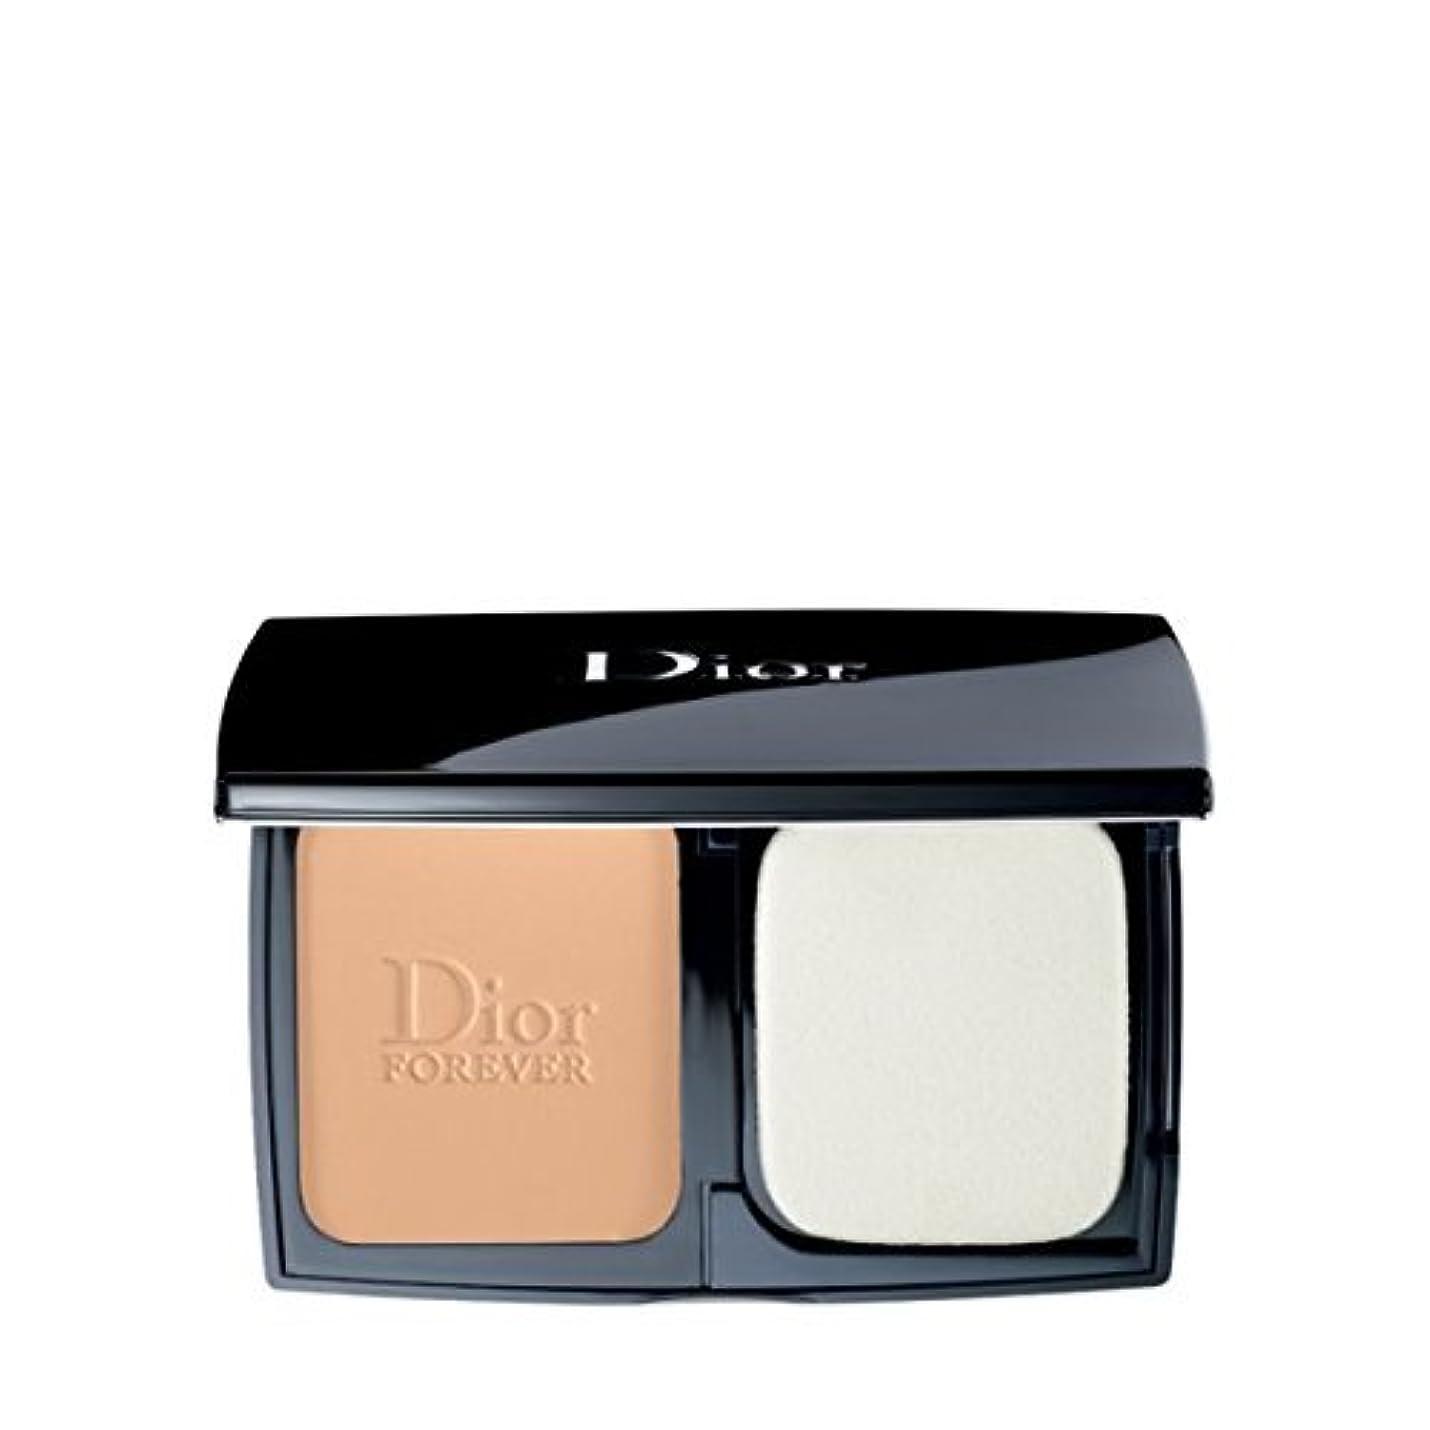 拮抗するゴシップ激怒Dior(ディオール) ディオールスキン フォーエヴァー コンパクト エクストレム コントロール (#020:ライト ベージュ)